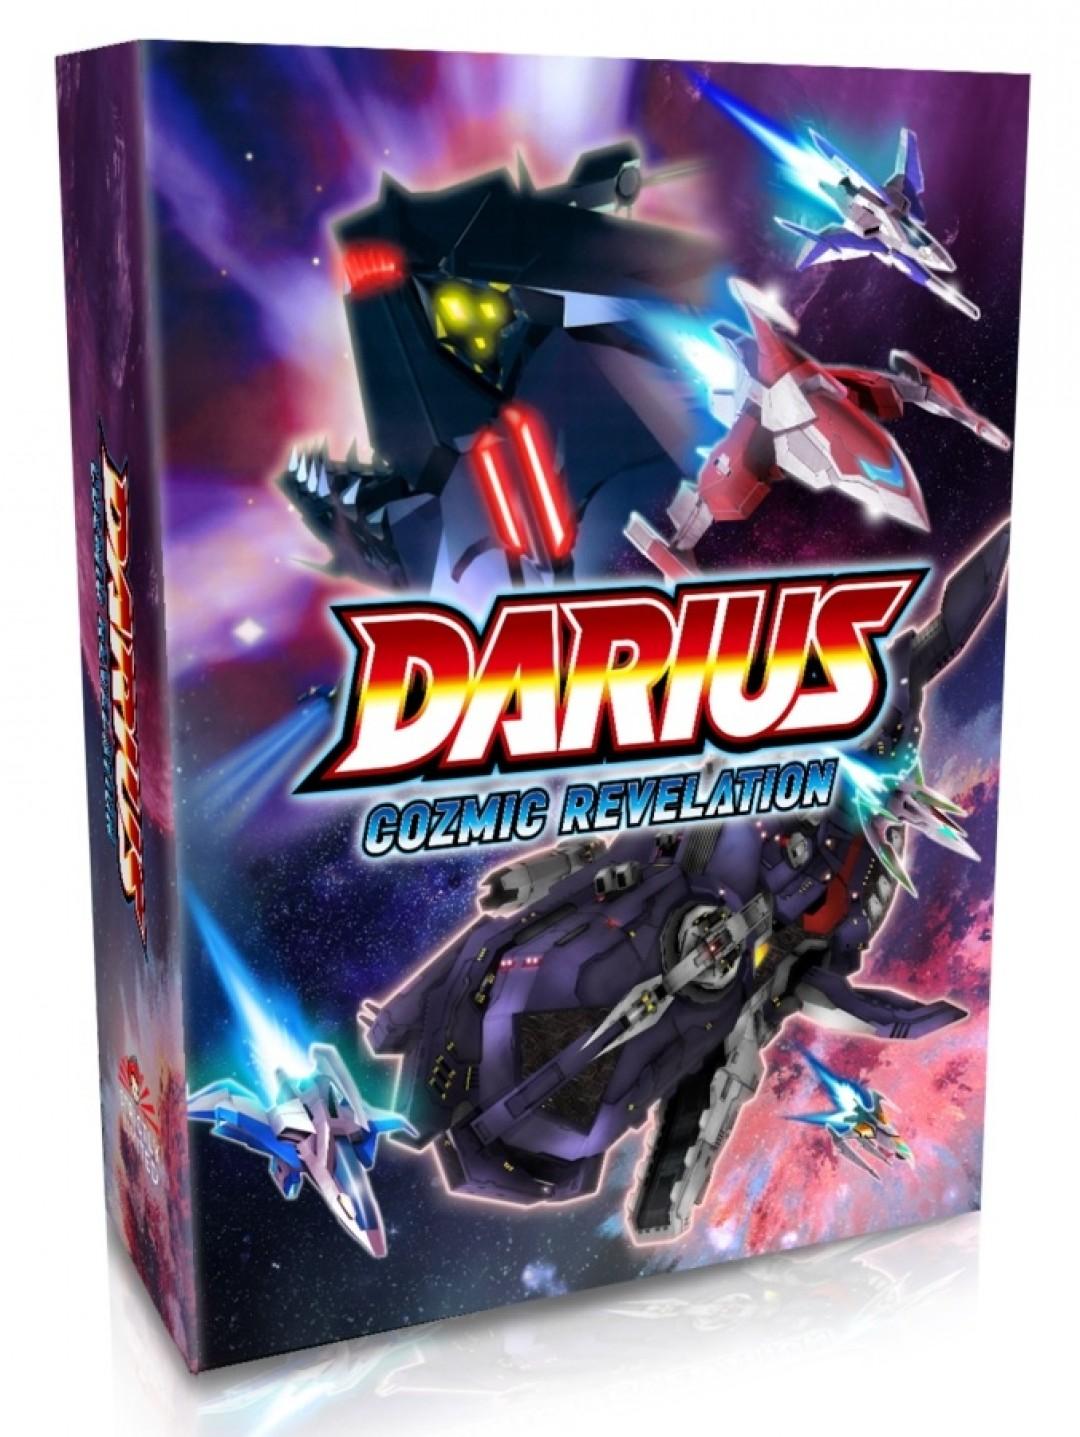 Darius Cozmic Revelation [Collector's Edition]